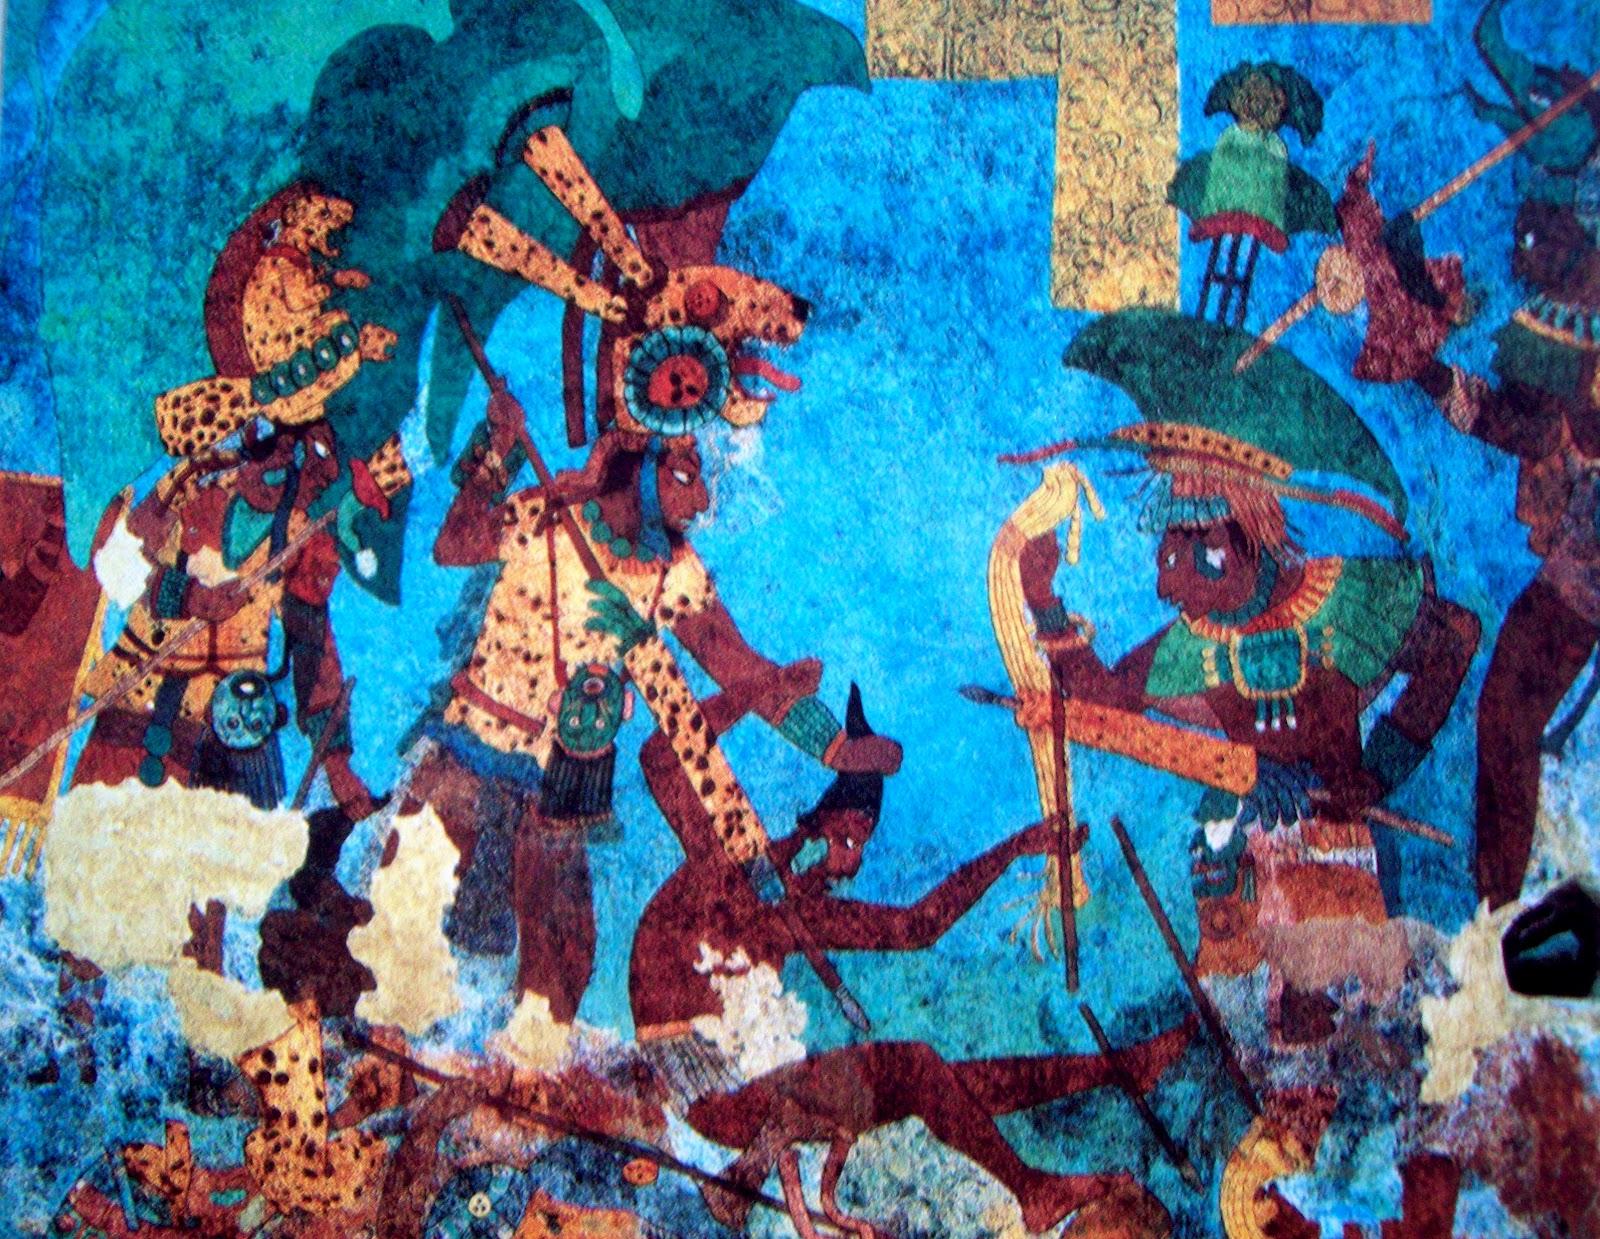 Literatura y mundo maya la guerra nocturna maya for El mural de bonampak